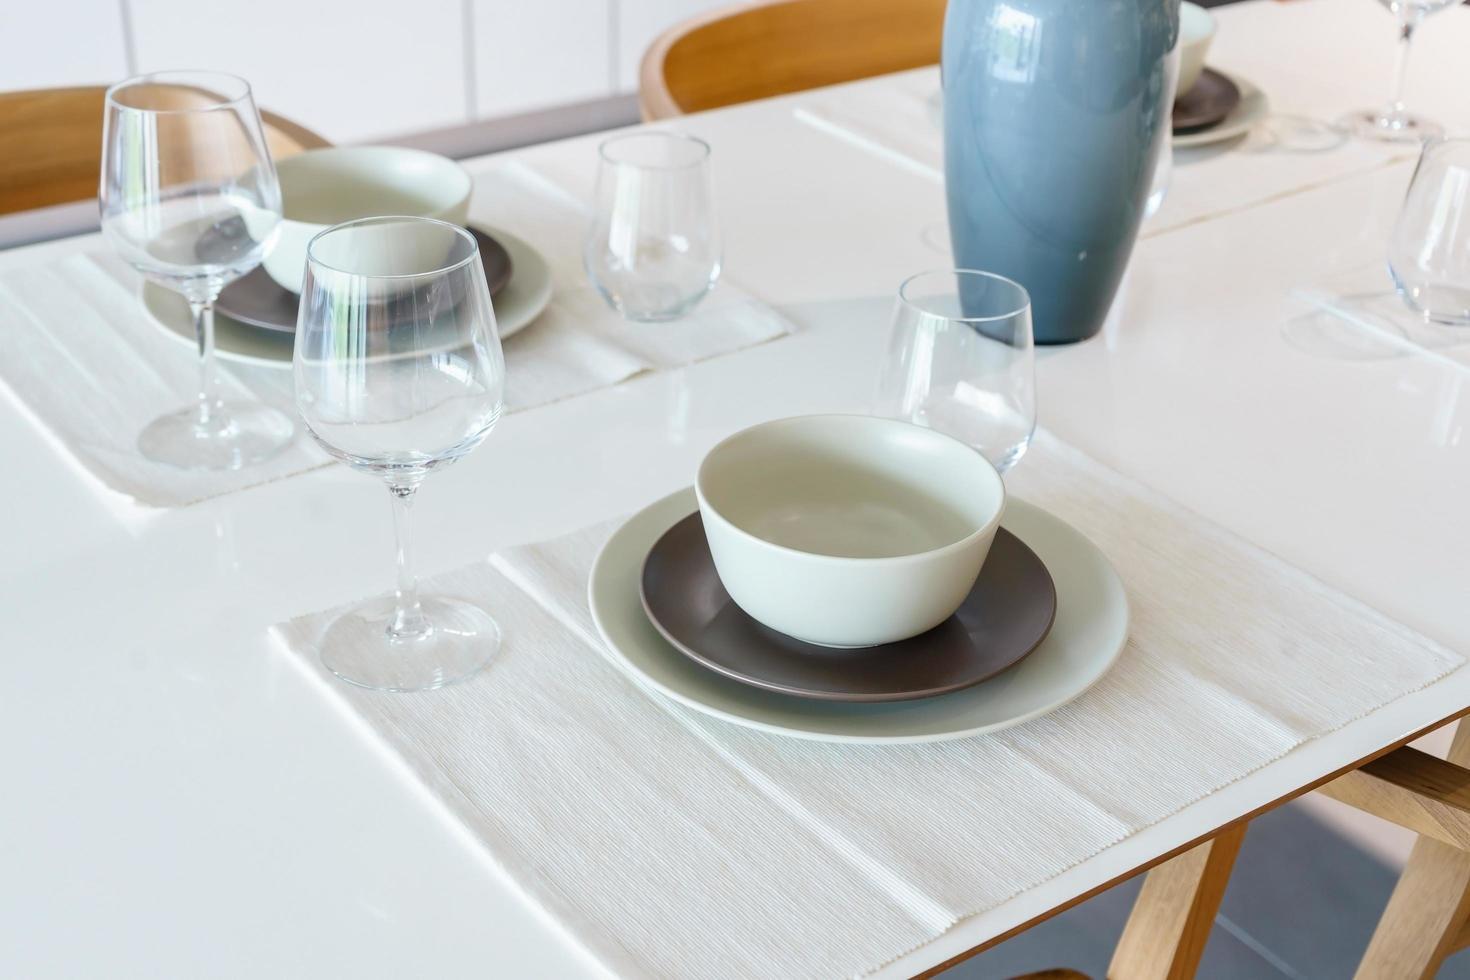 mesa en mesa de comedor en casa foto